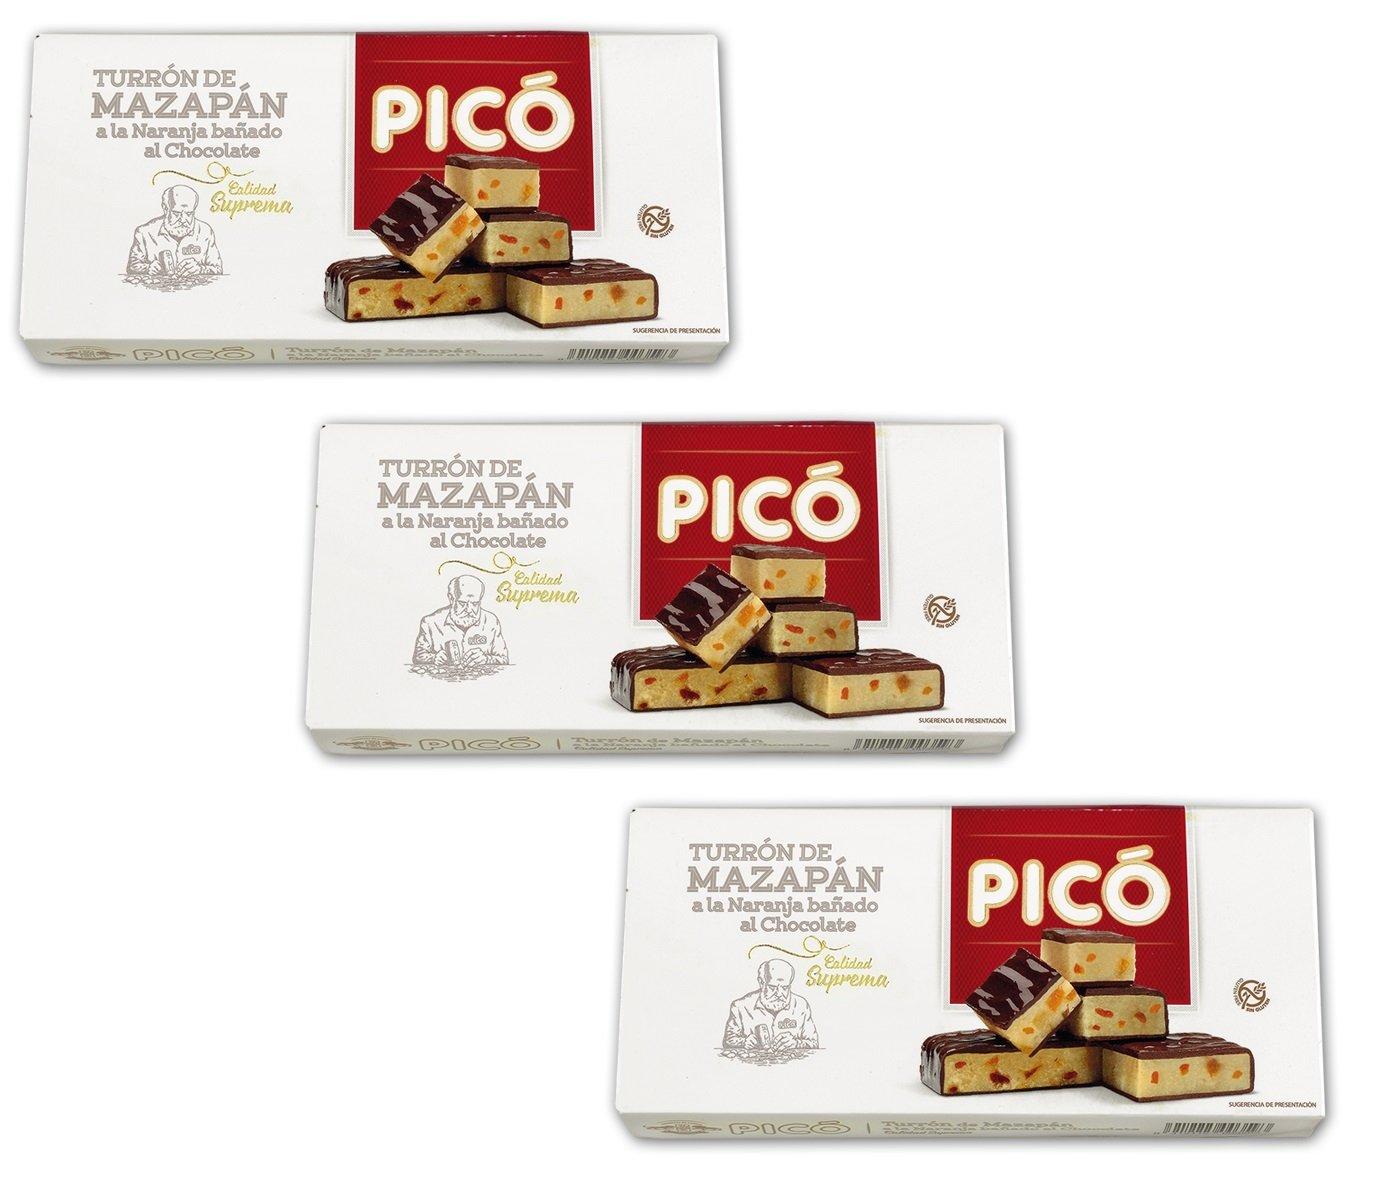 Picó - Pack incluye 3 Turrón de mazapán a la naranja bañado al chocolate - Calidad suprema 200gr: Amazon.es: Alimentación y bebidas